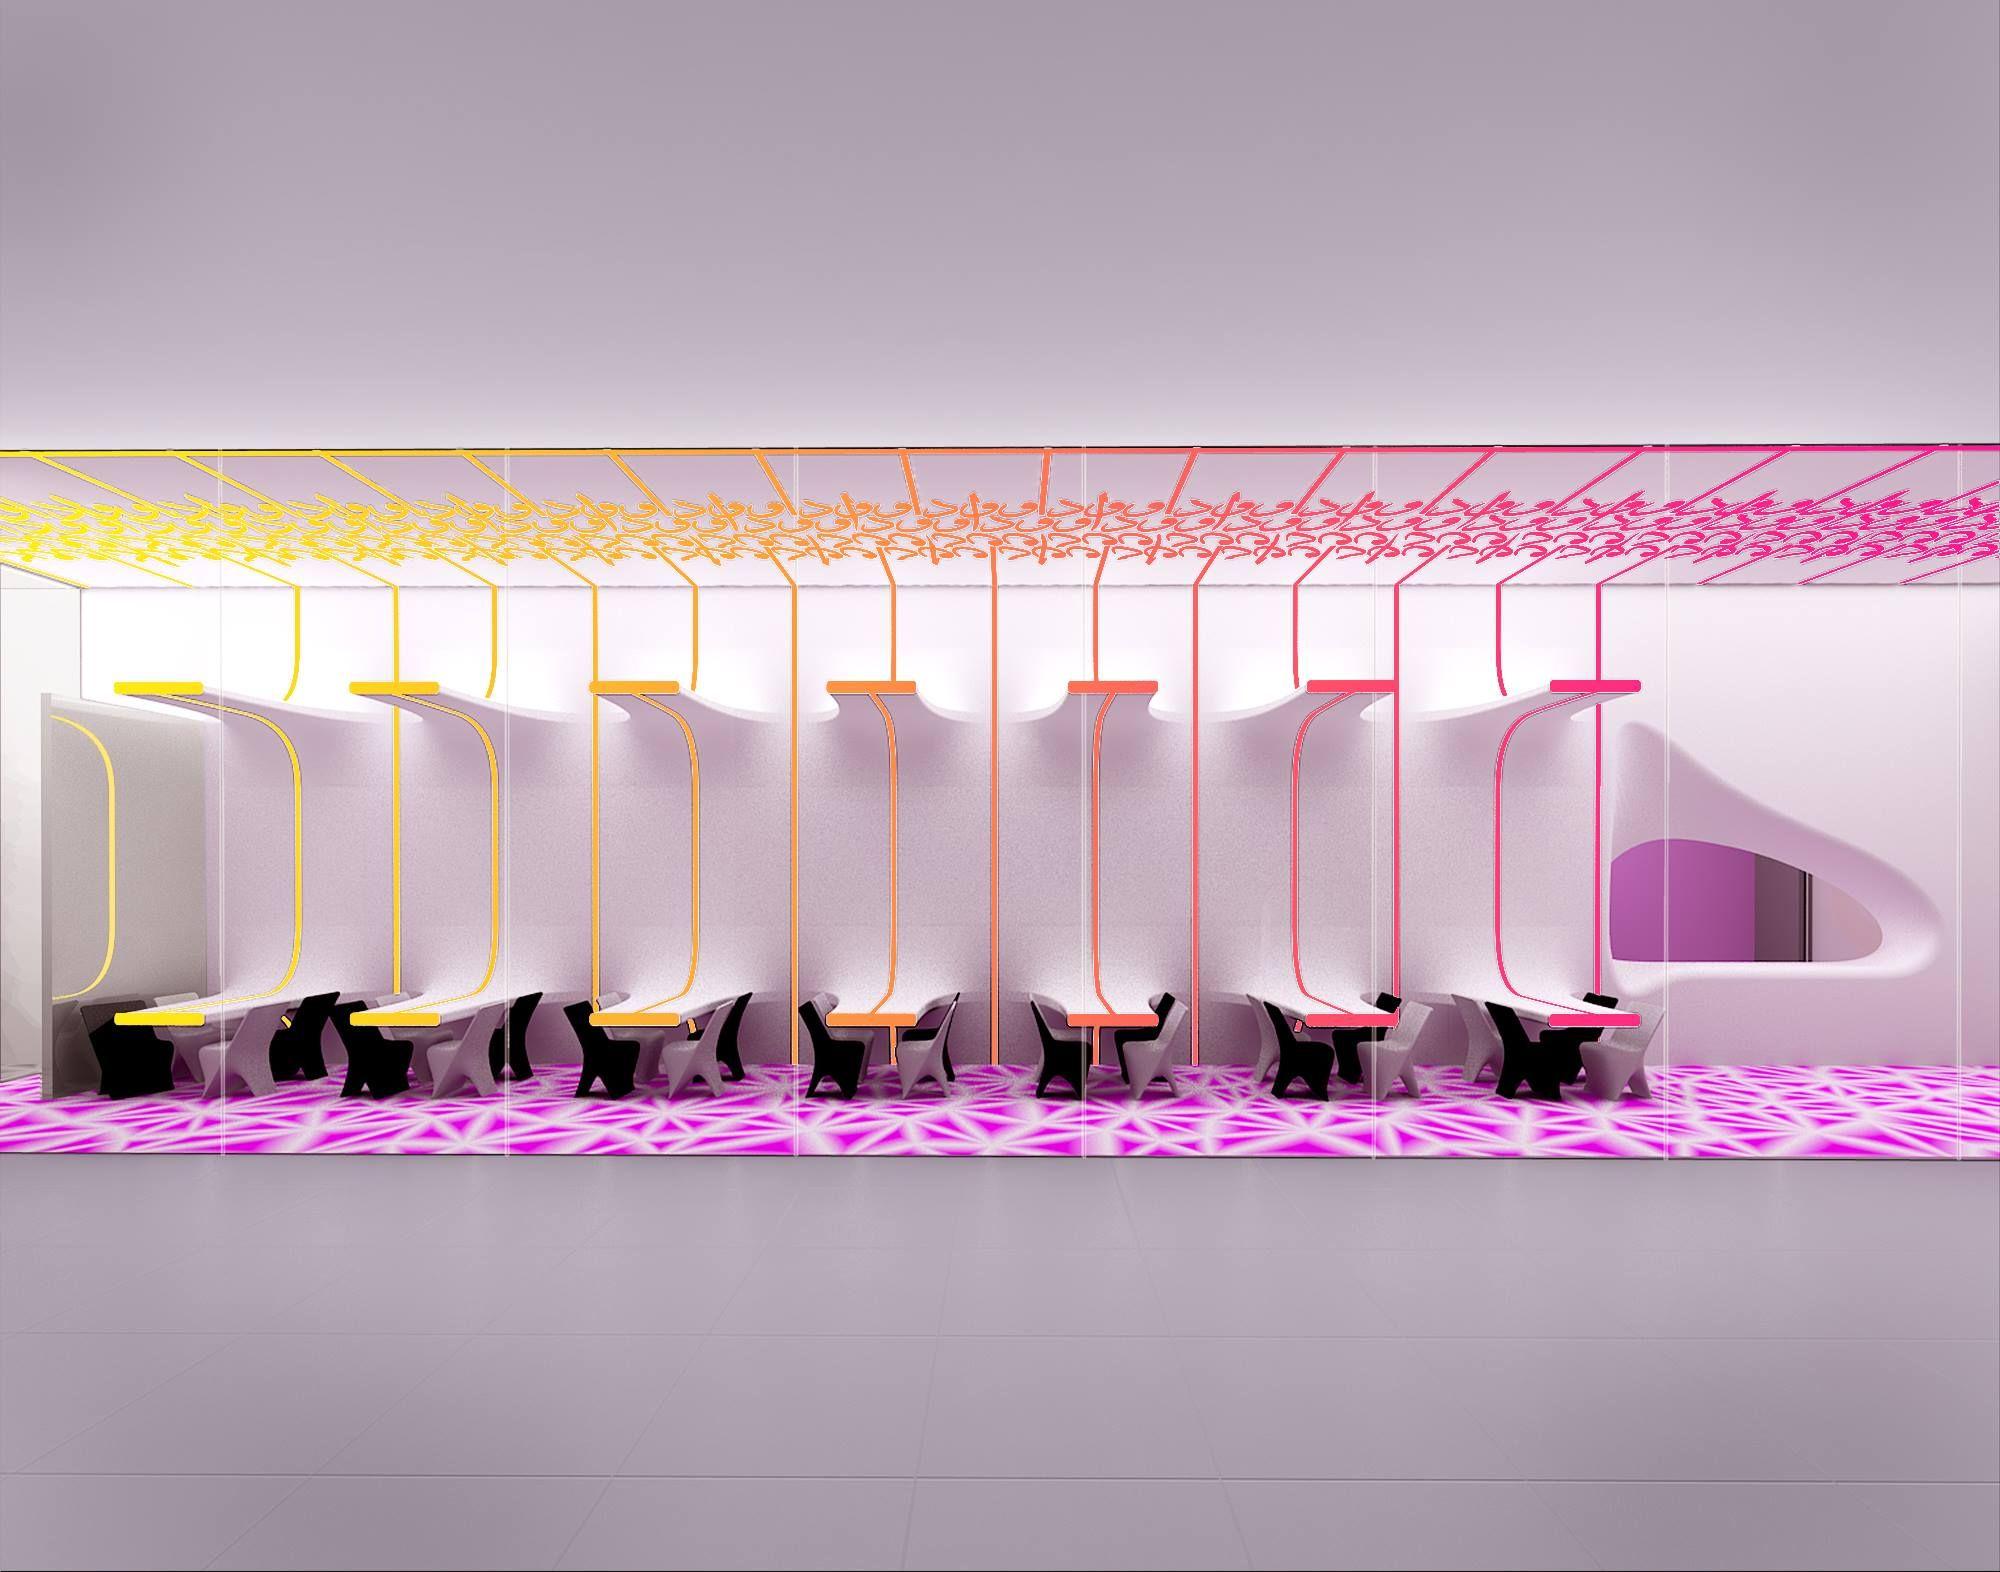 karim rashid initial concept for odd cafe doha quatar 2015 - Violet Cafe 2015